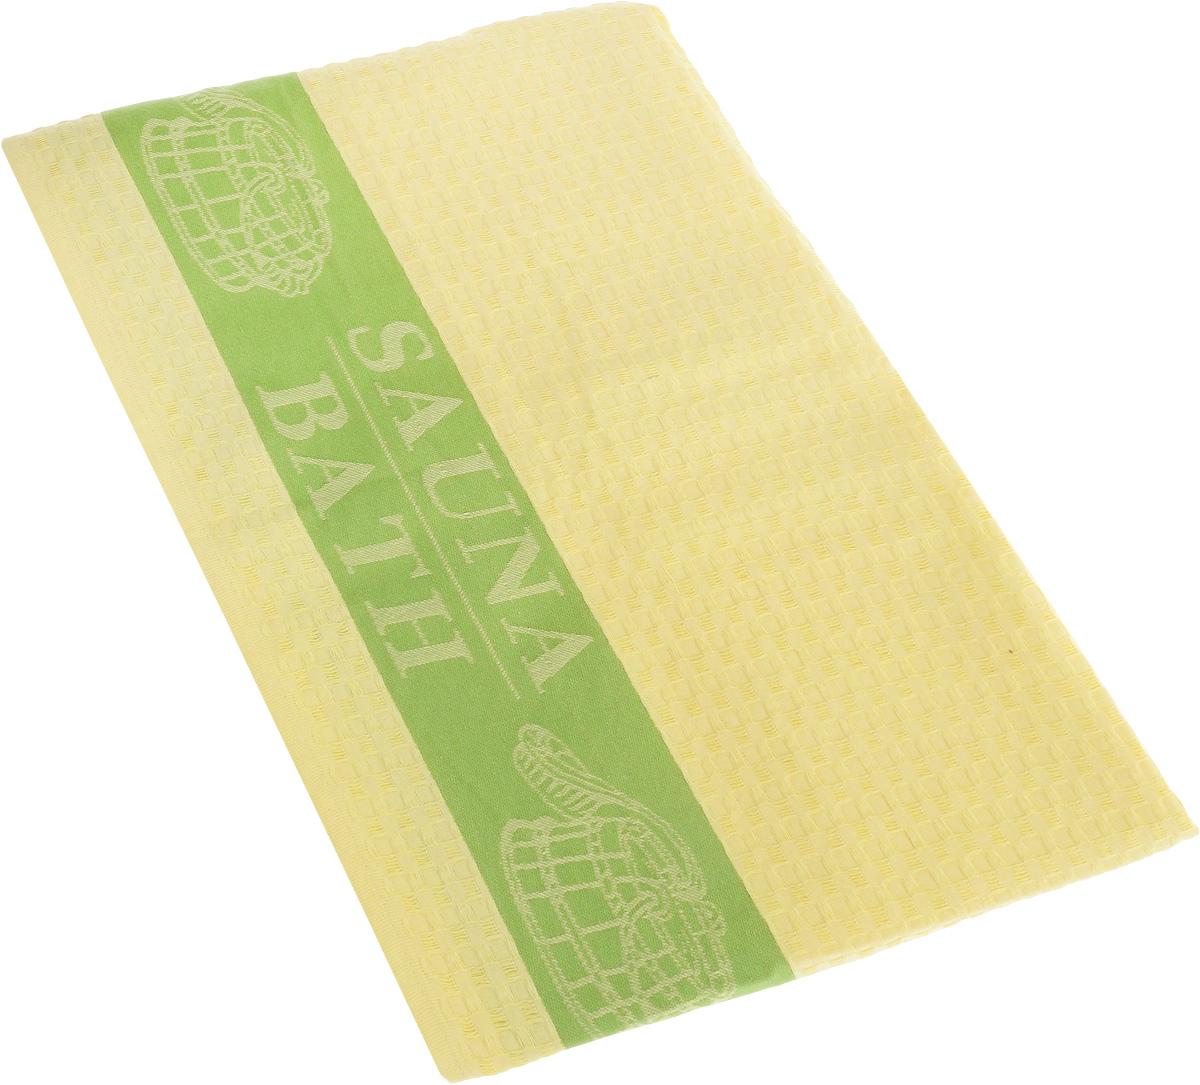 Полотенце Soavita Сауна, цвет: желтый, зеленый, 100 х 160 см48793Полотенце Soavita Сауна выполнено из 100% хлопка. Изделие отлично впитывает влагу, быстро сохнет, сохраняет яркость цвета и не теряет форму даже после многократных стирок. Полотенце очень практично и неприхотливо в уходе. Оно создаст прекрасное настроение и украсит интерьер в ванной комнате.